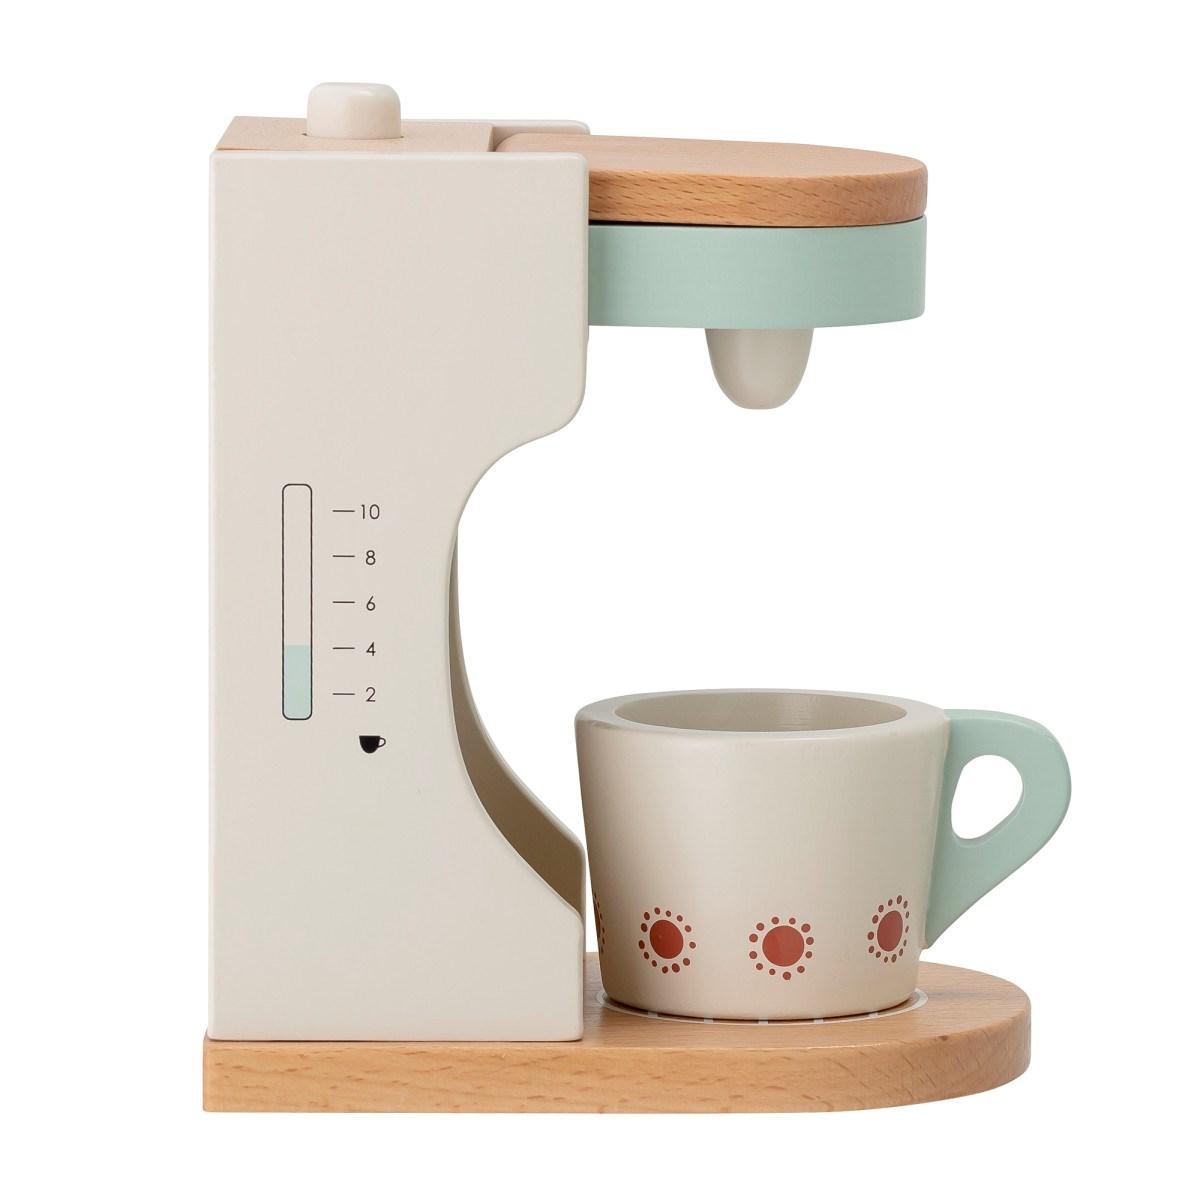 Dětský dřevěný kávovar s šálkem 18xV.15,5 cm_8